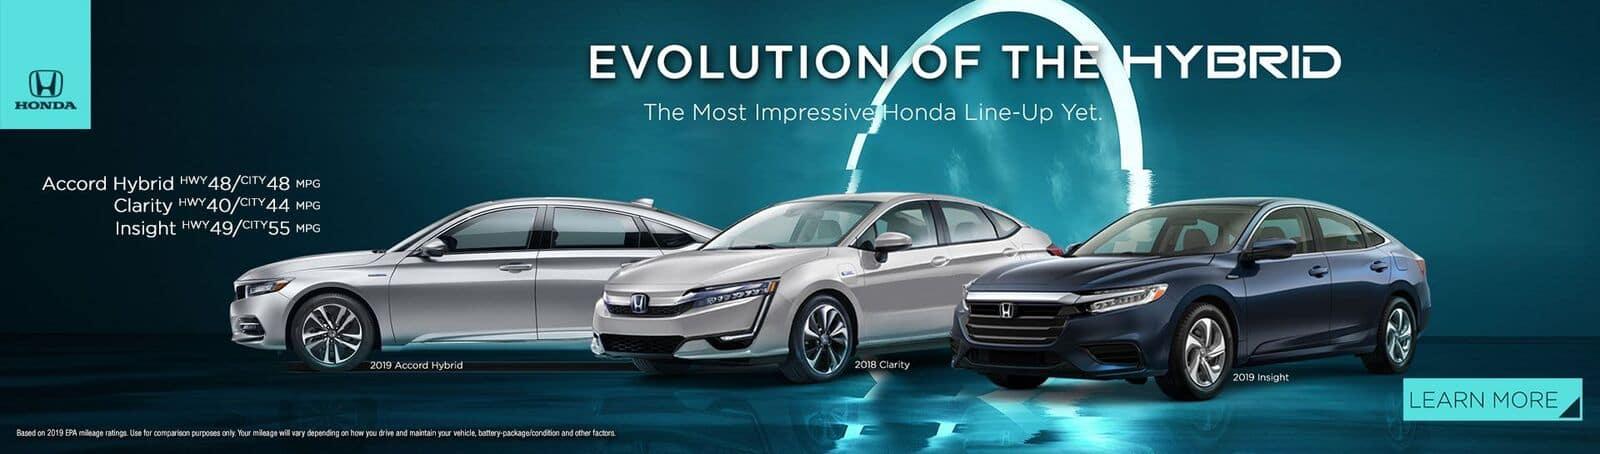 Evolution Of The Hybrid